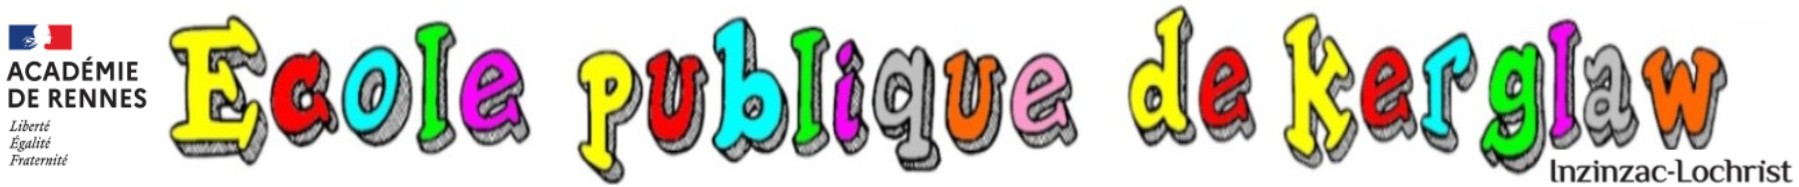 Bienvenue sur le site de l'école publique de Kerglaw